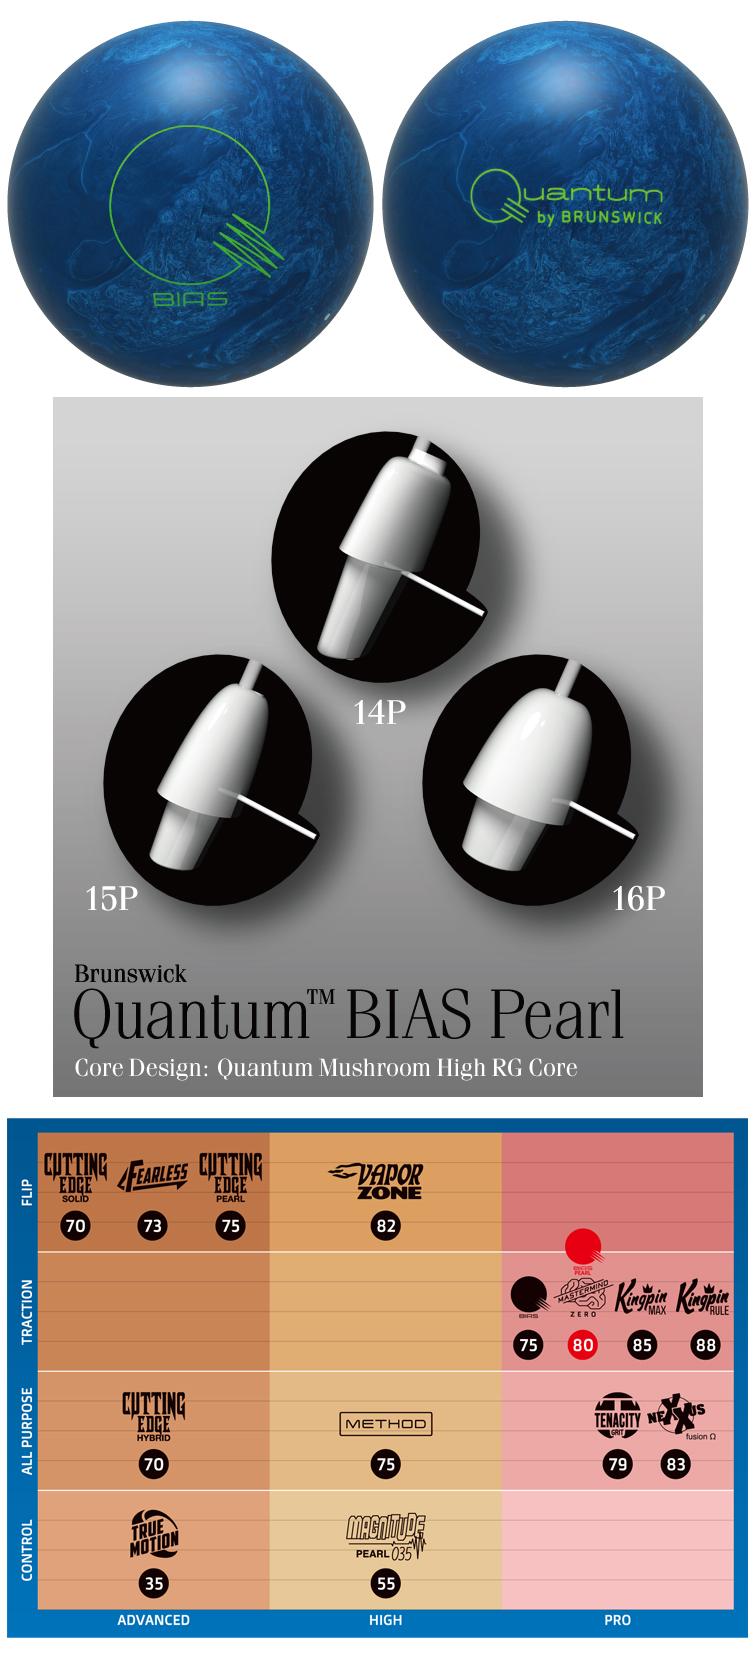 ボウリング用品 ボウリングボール ブランズウィック brunswick カンタムバイアスパール Quantum BIAS Pearl